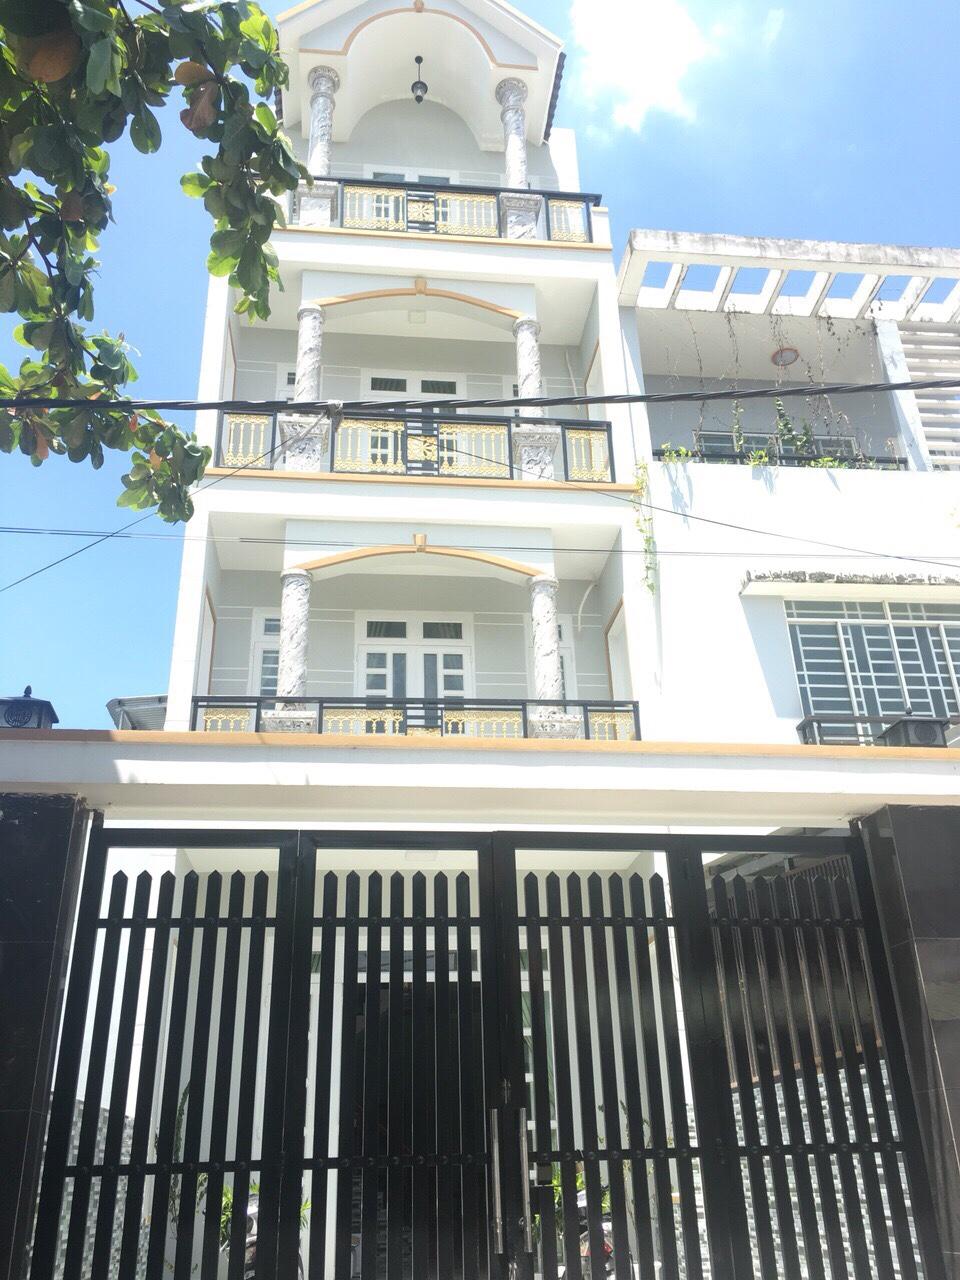 Mặt tiền hẻm 261 Đinh Phong Phú DT: 4.8*22=82m2 đất, xây dựng 200m2 sàn Hẻm hiện hửu 8m, lộ giới 12m Giá 5.15